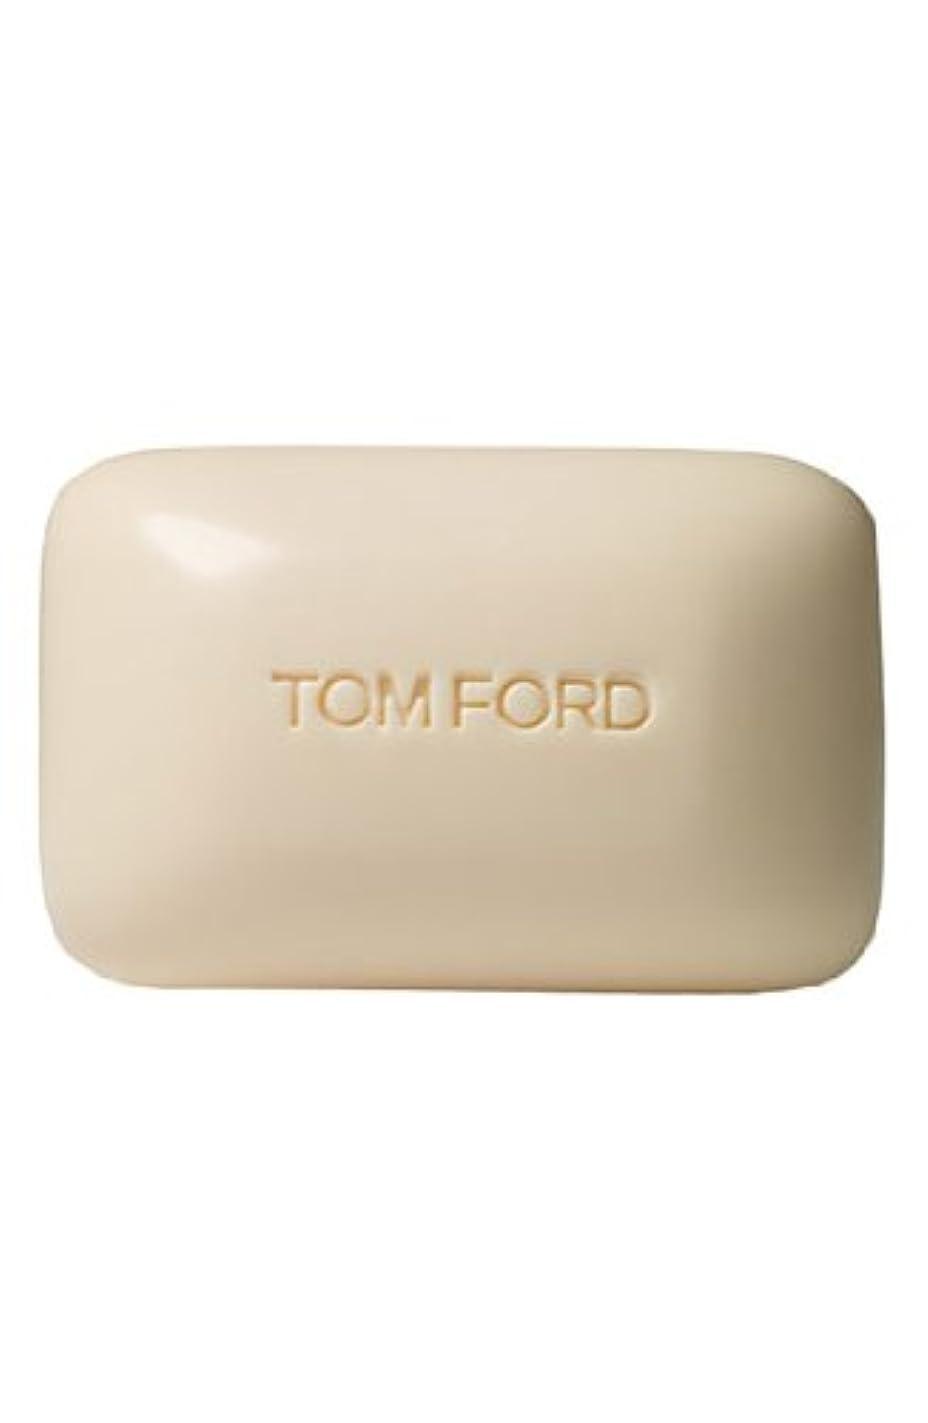 名詞排出用心するTom Ford Private Blend 'Neroli Portofino' (トムフォード プライベートブレンド ネロリポートフィーノ) 5.5 oz (165ml) Bar Soap (固形石鹸)